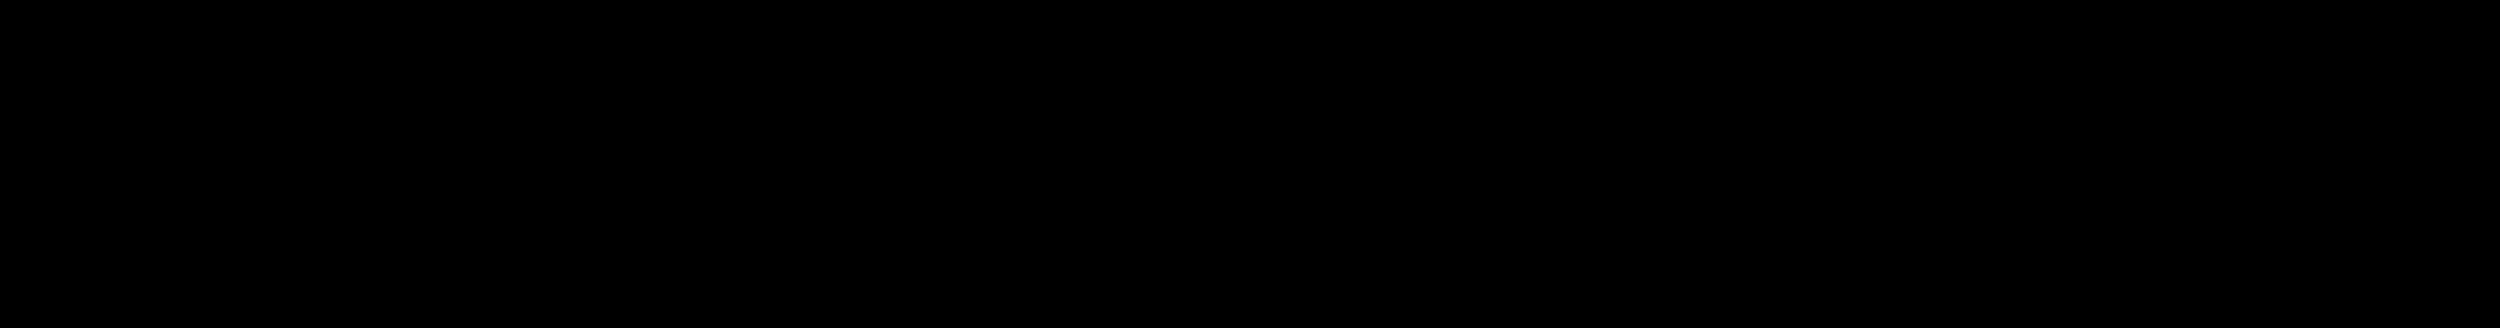 tesla-logo-png-20.png